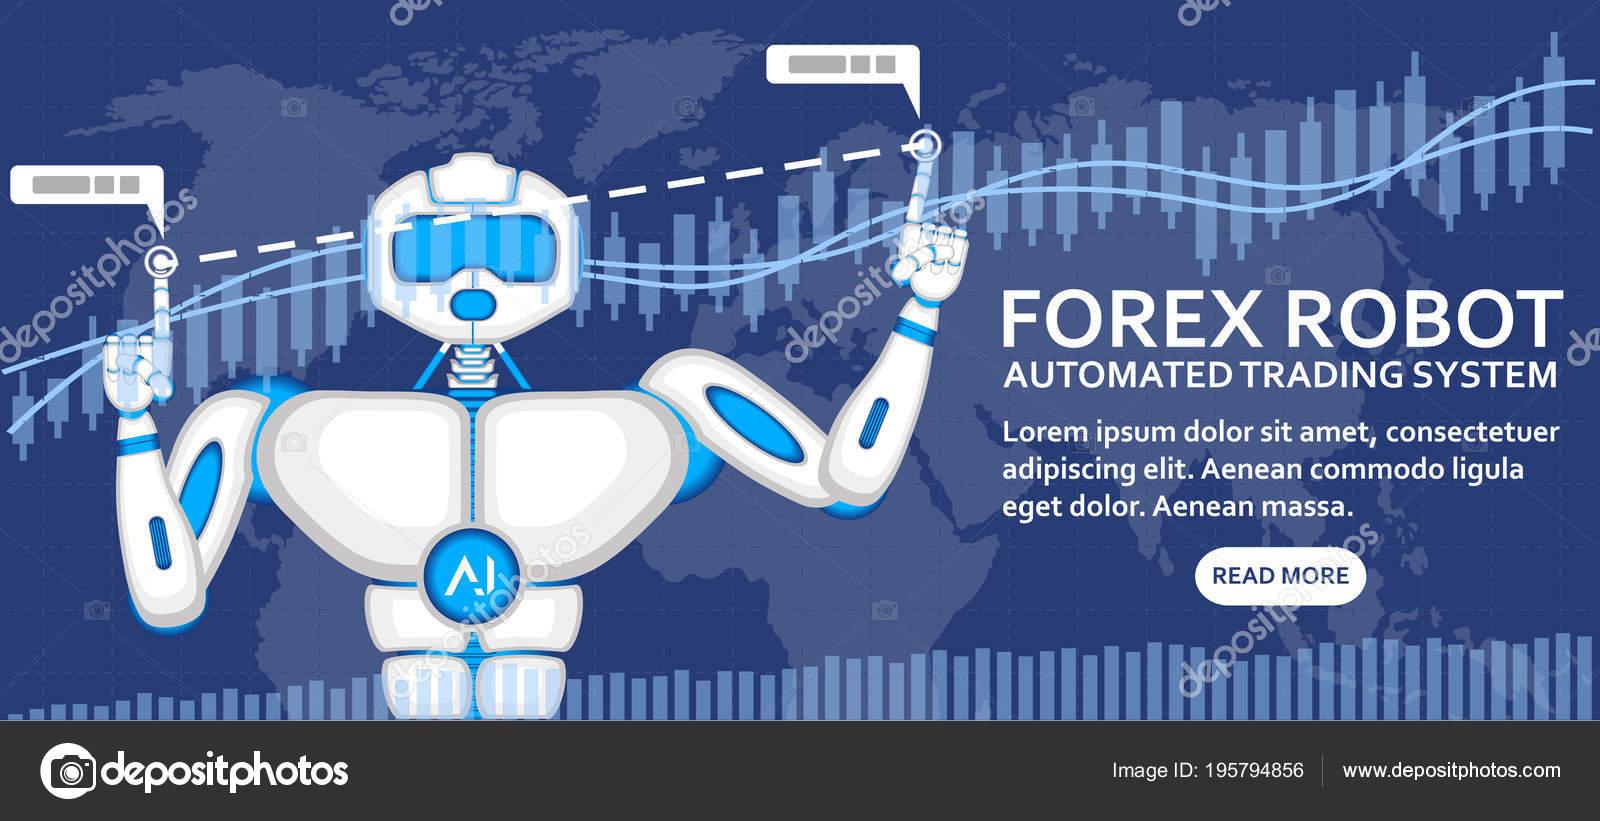 Автоматизированная система торговли на форекс торговля на форекс основные понятия